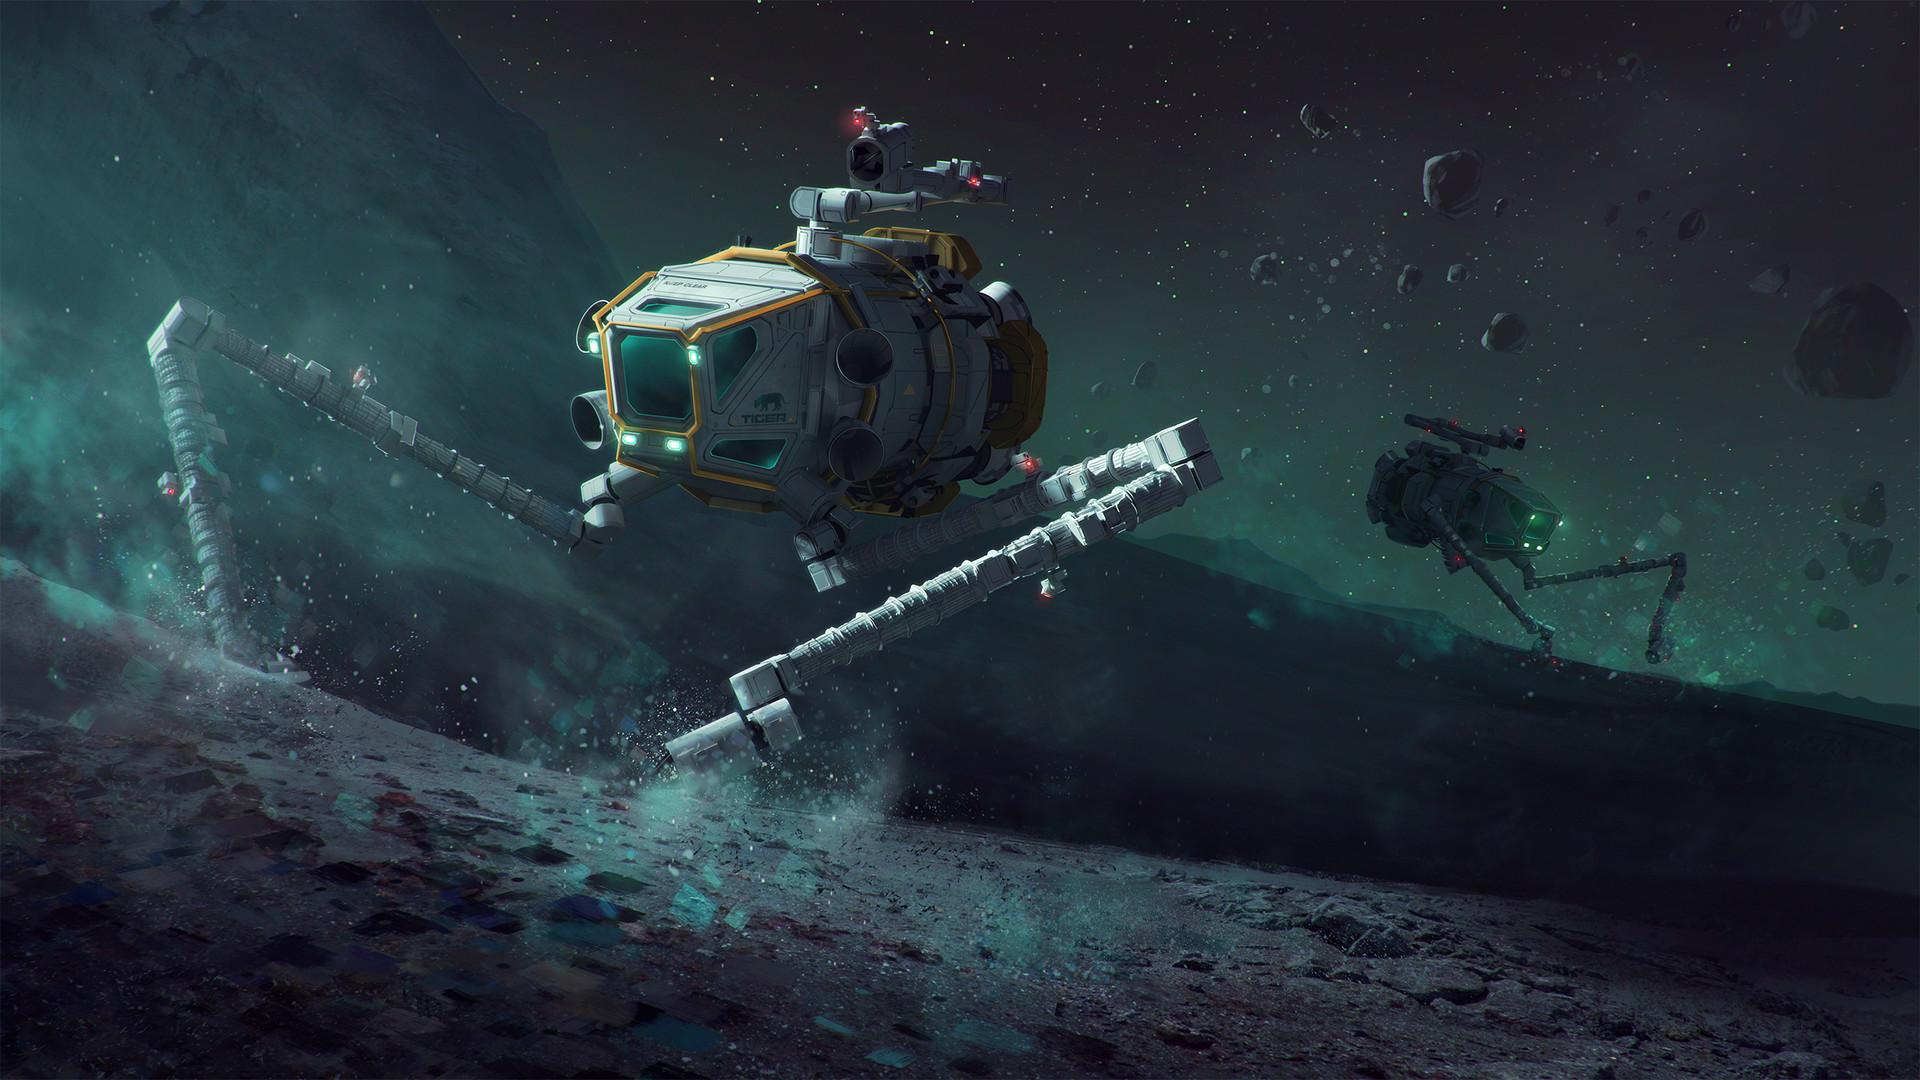 Mac rebisz 20170630 asteroidday2017 2560 001